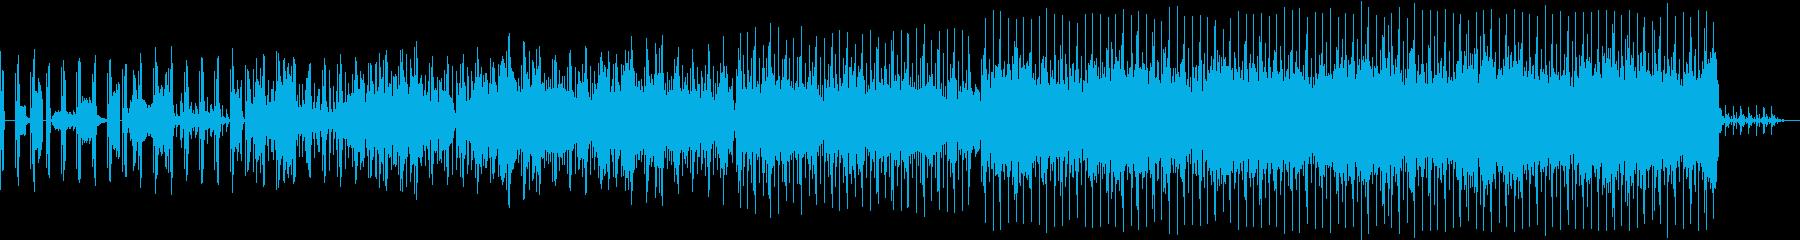 ダークな始まりとロックな後半の再生済みの波形